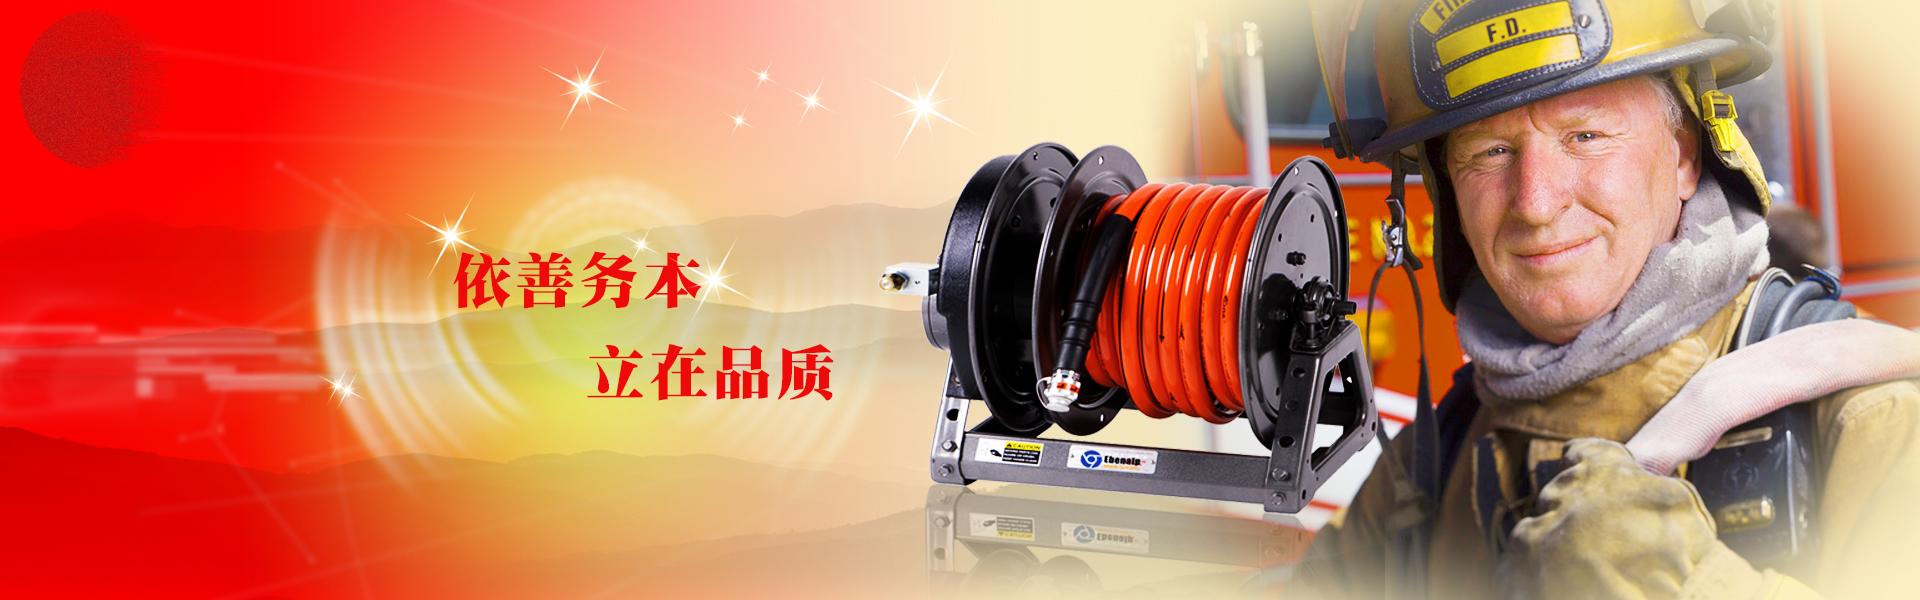 宁波依本立流体装备制造有限公司